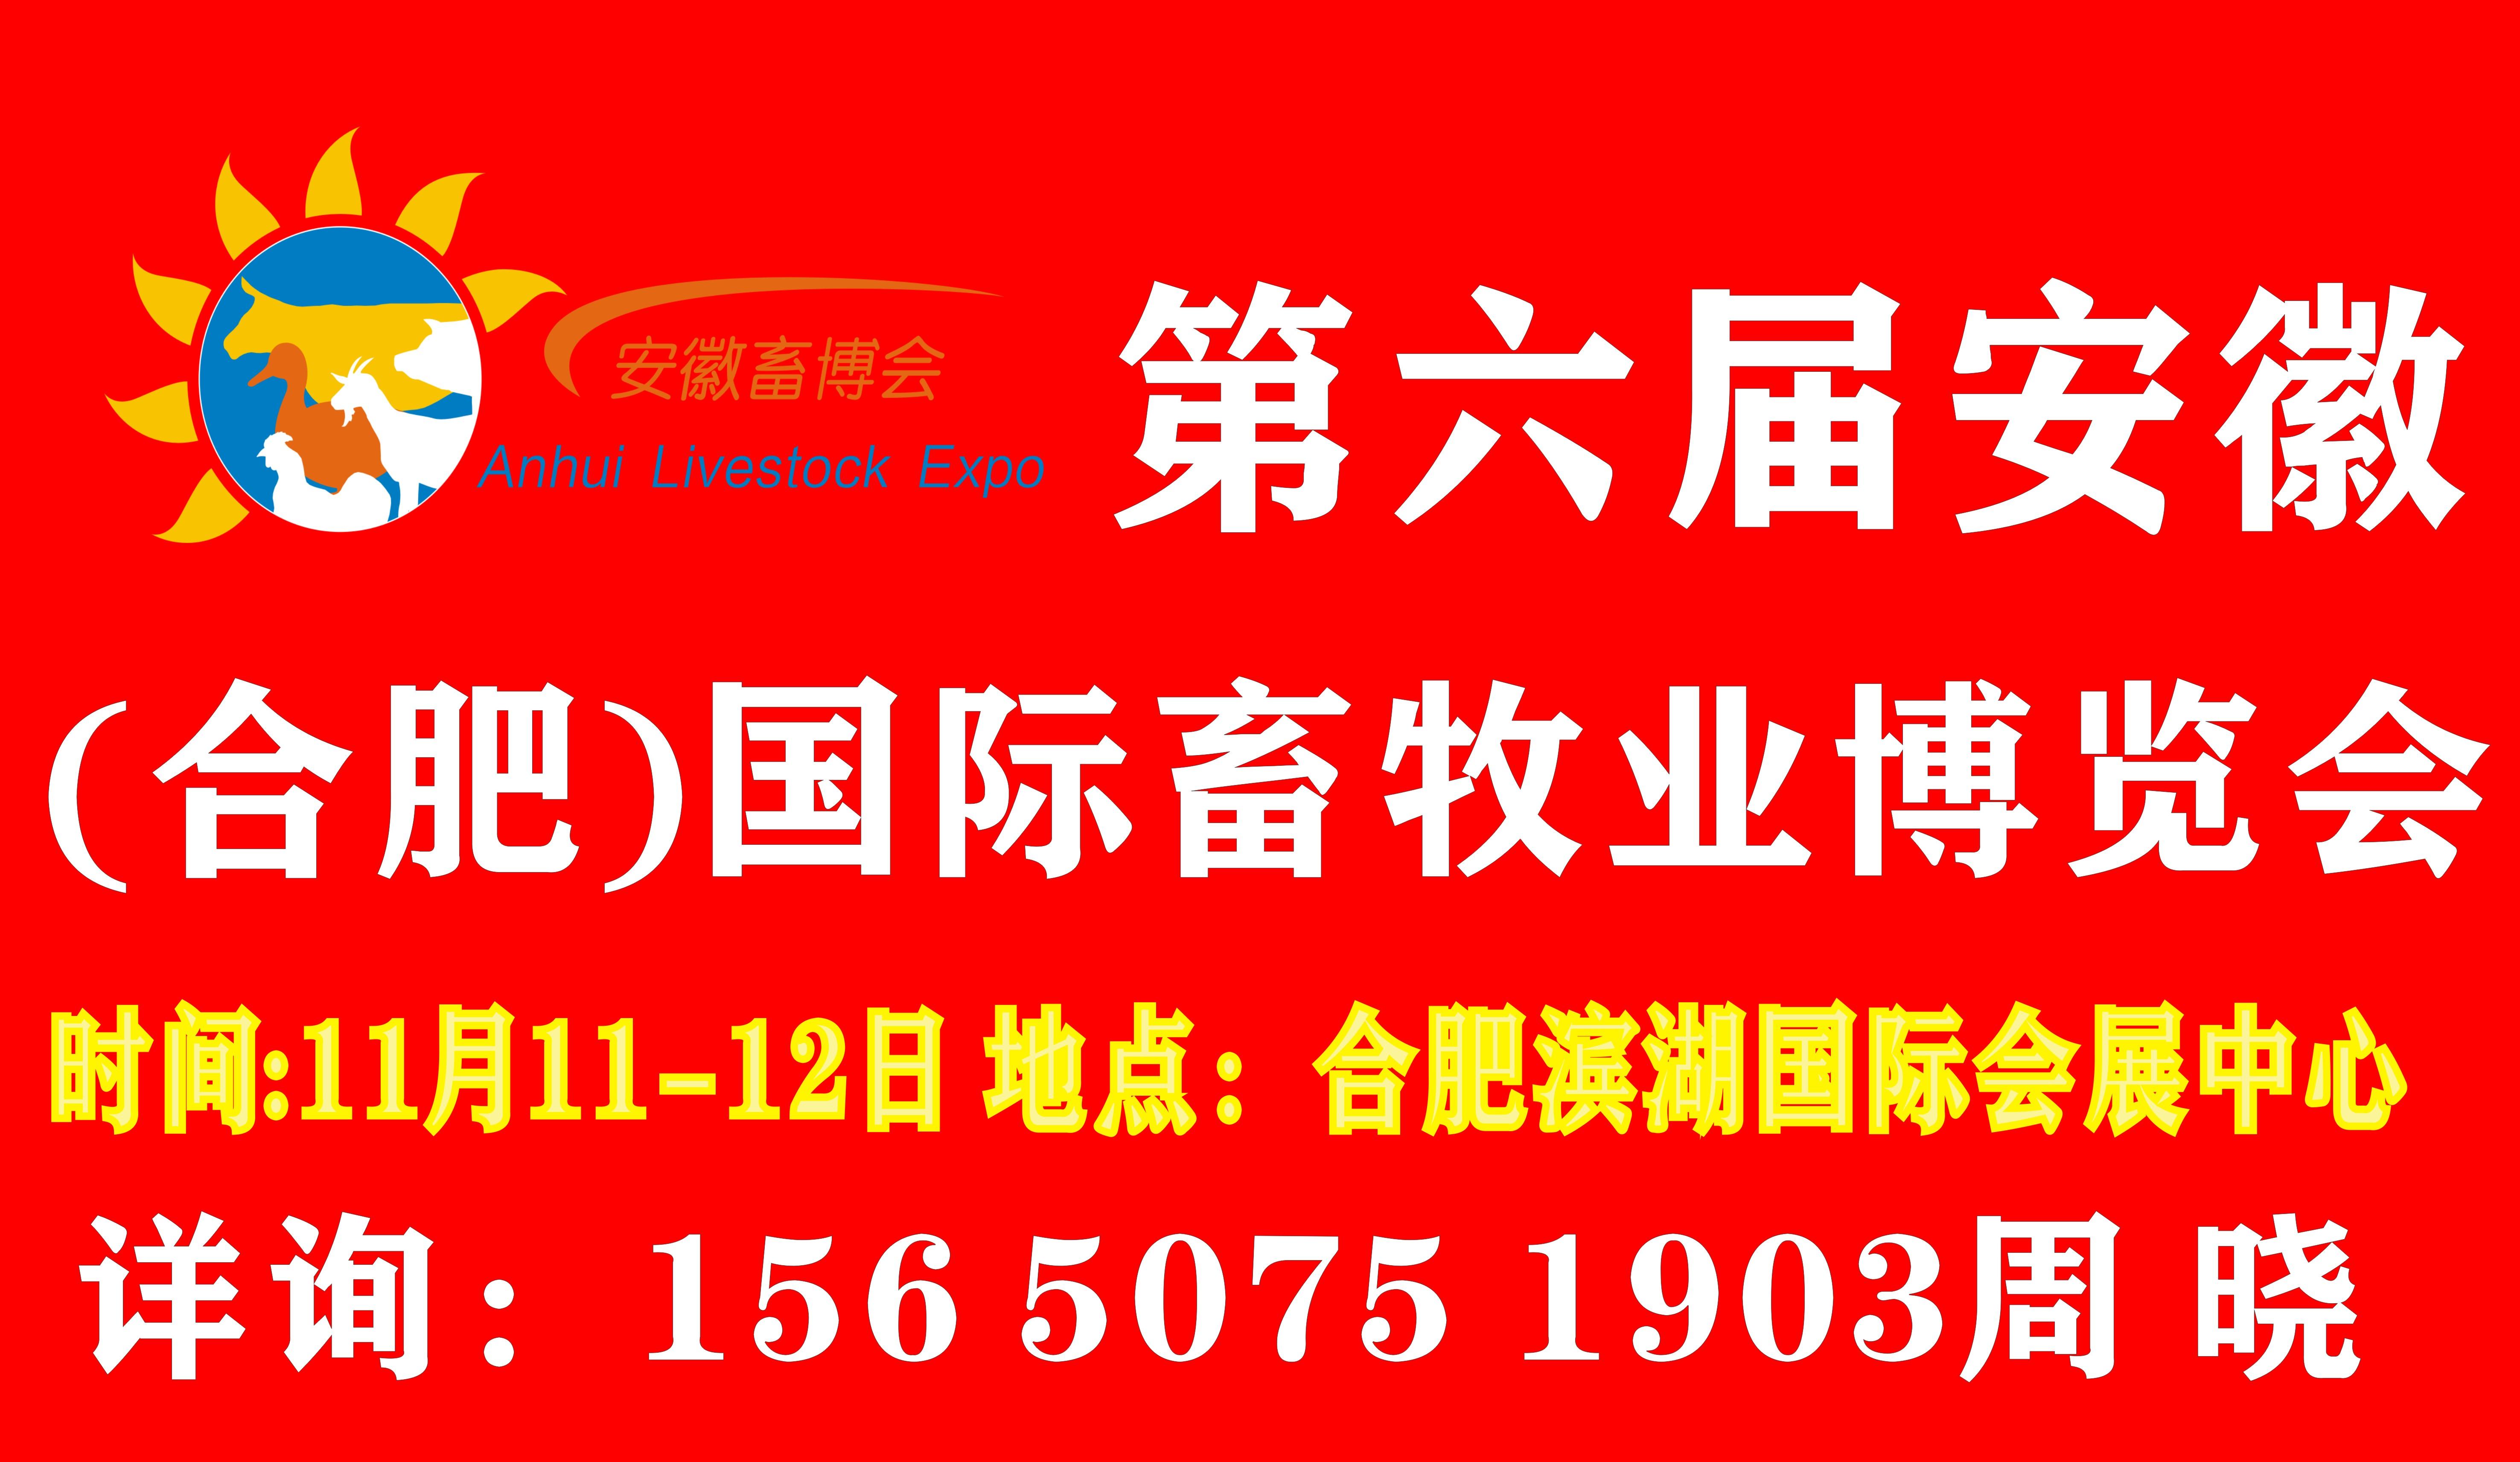 第六届安徽(合肥)国际畜牧业博览会 暨2019安徽畜禽养殖废弃物资源化利用产业大会